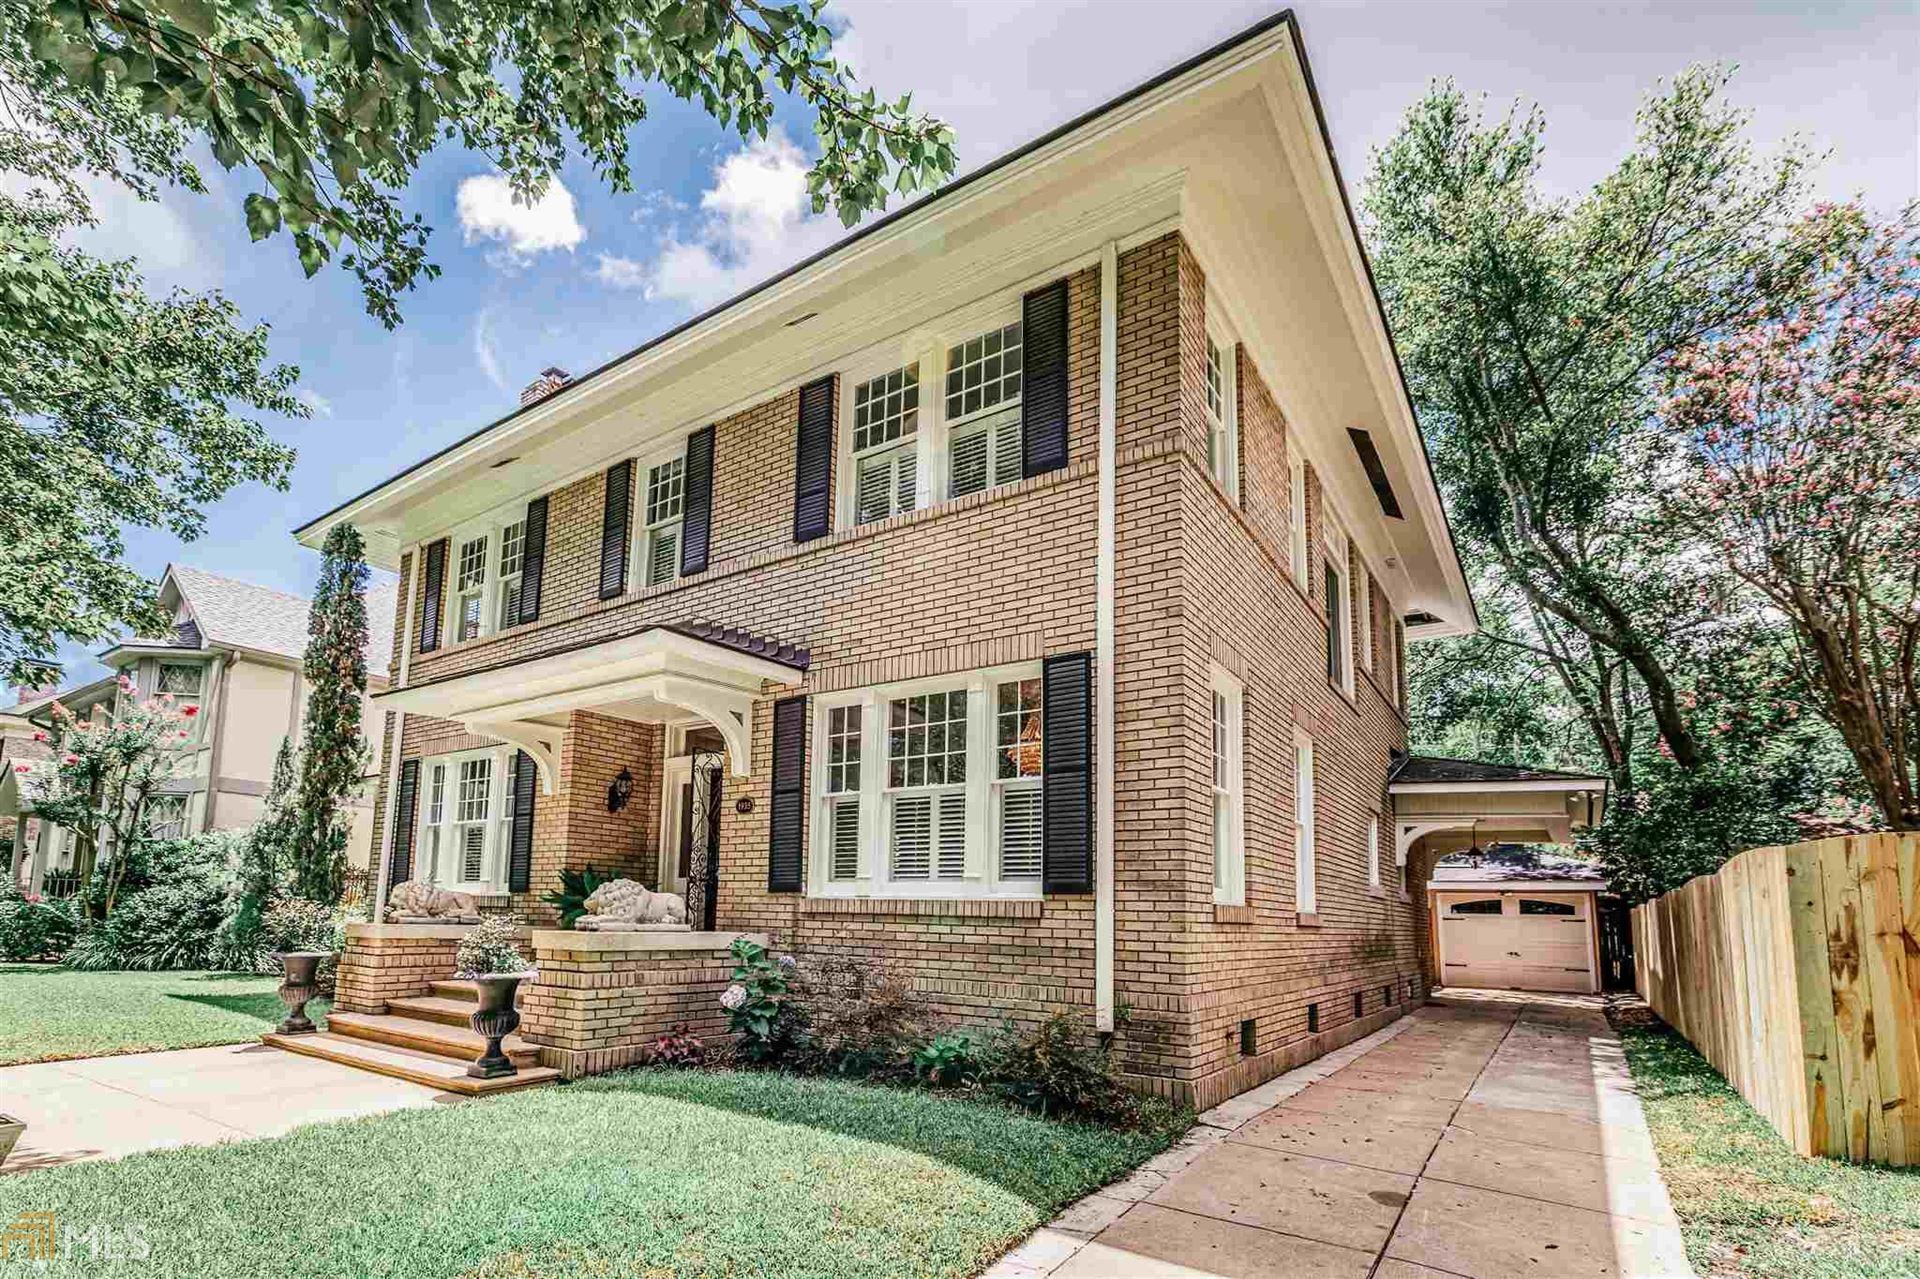 111 E 44Th, Savannah, GA 31405 - MLS#: 8840810